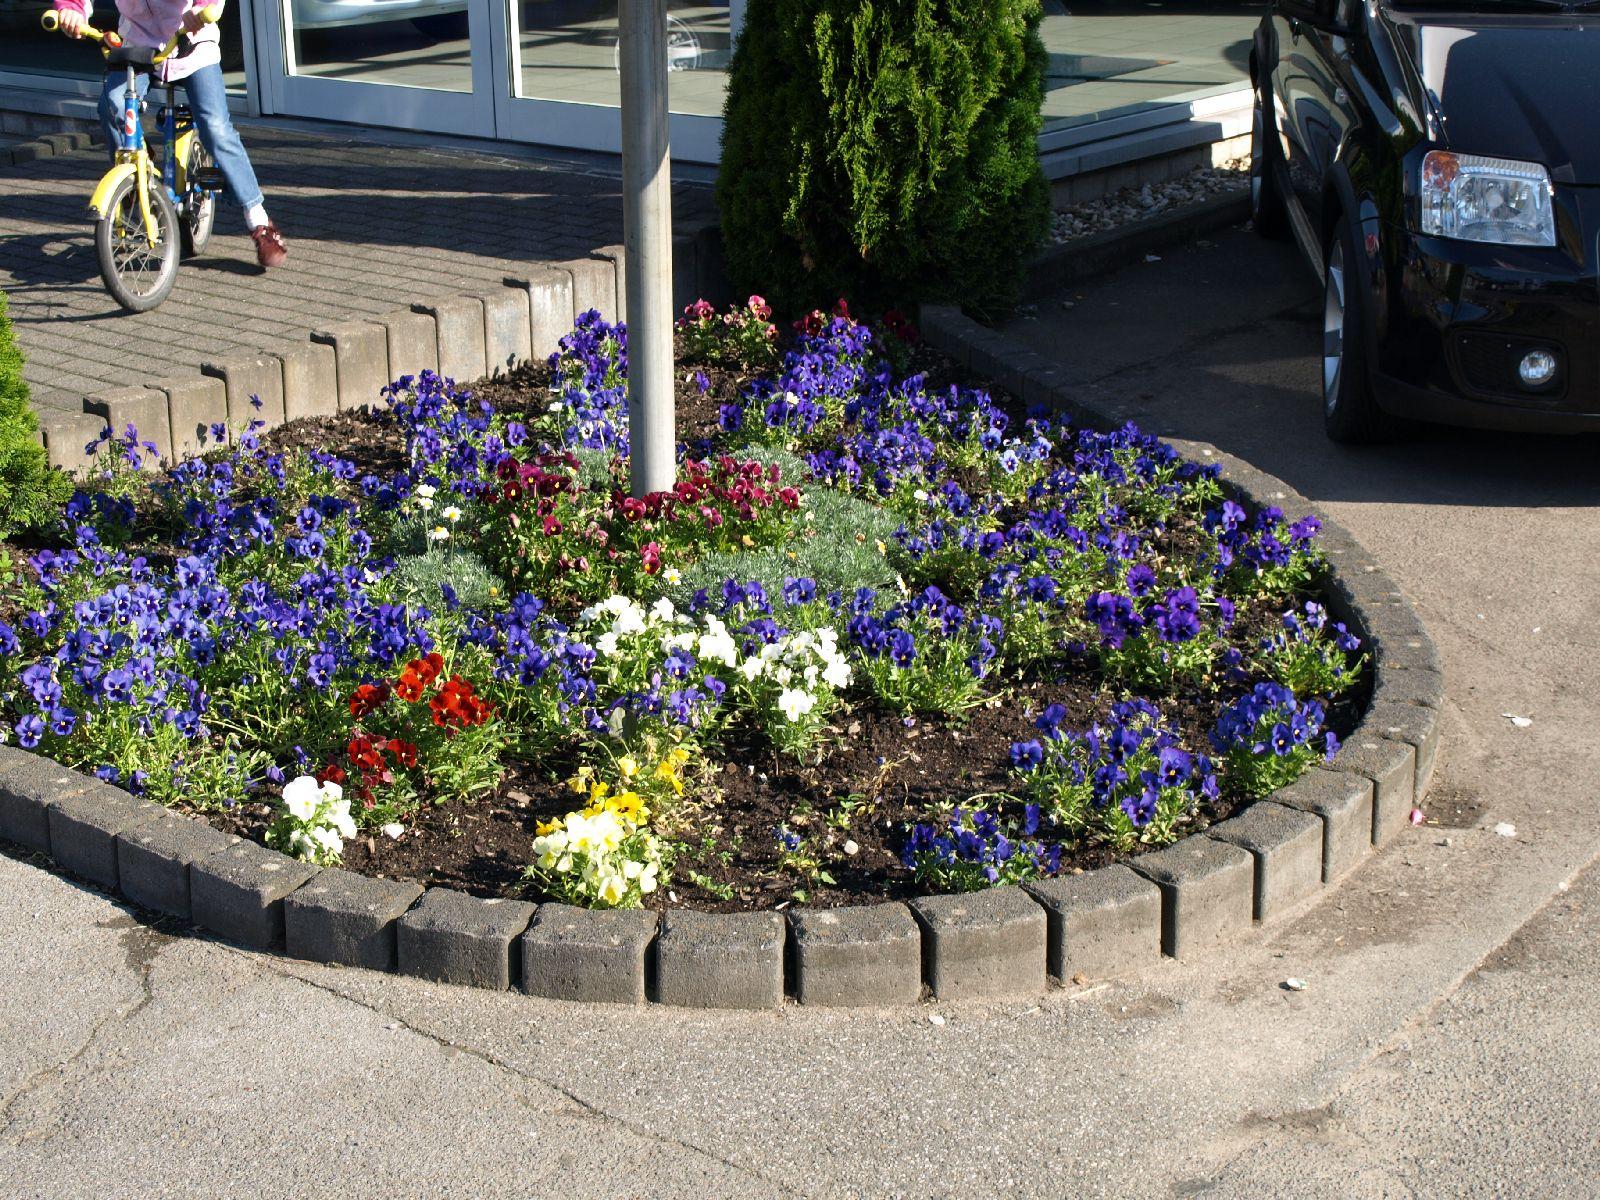 Pflanzen-Blumen-Foto_Textur_B_P6153474